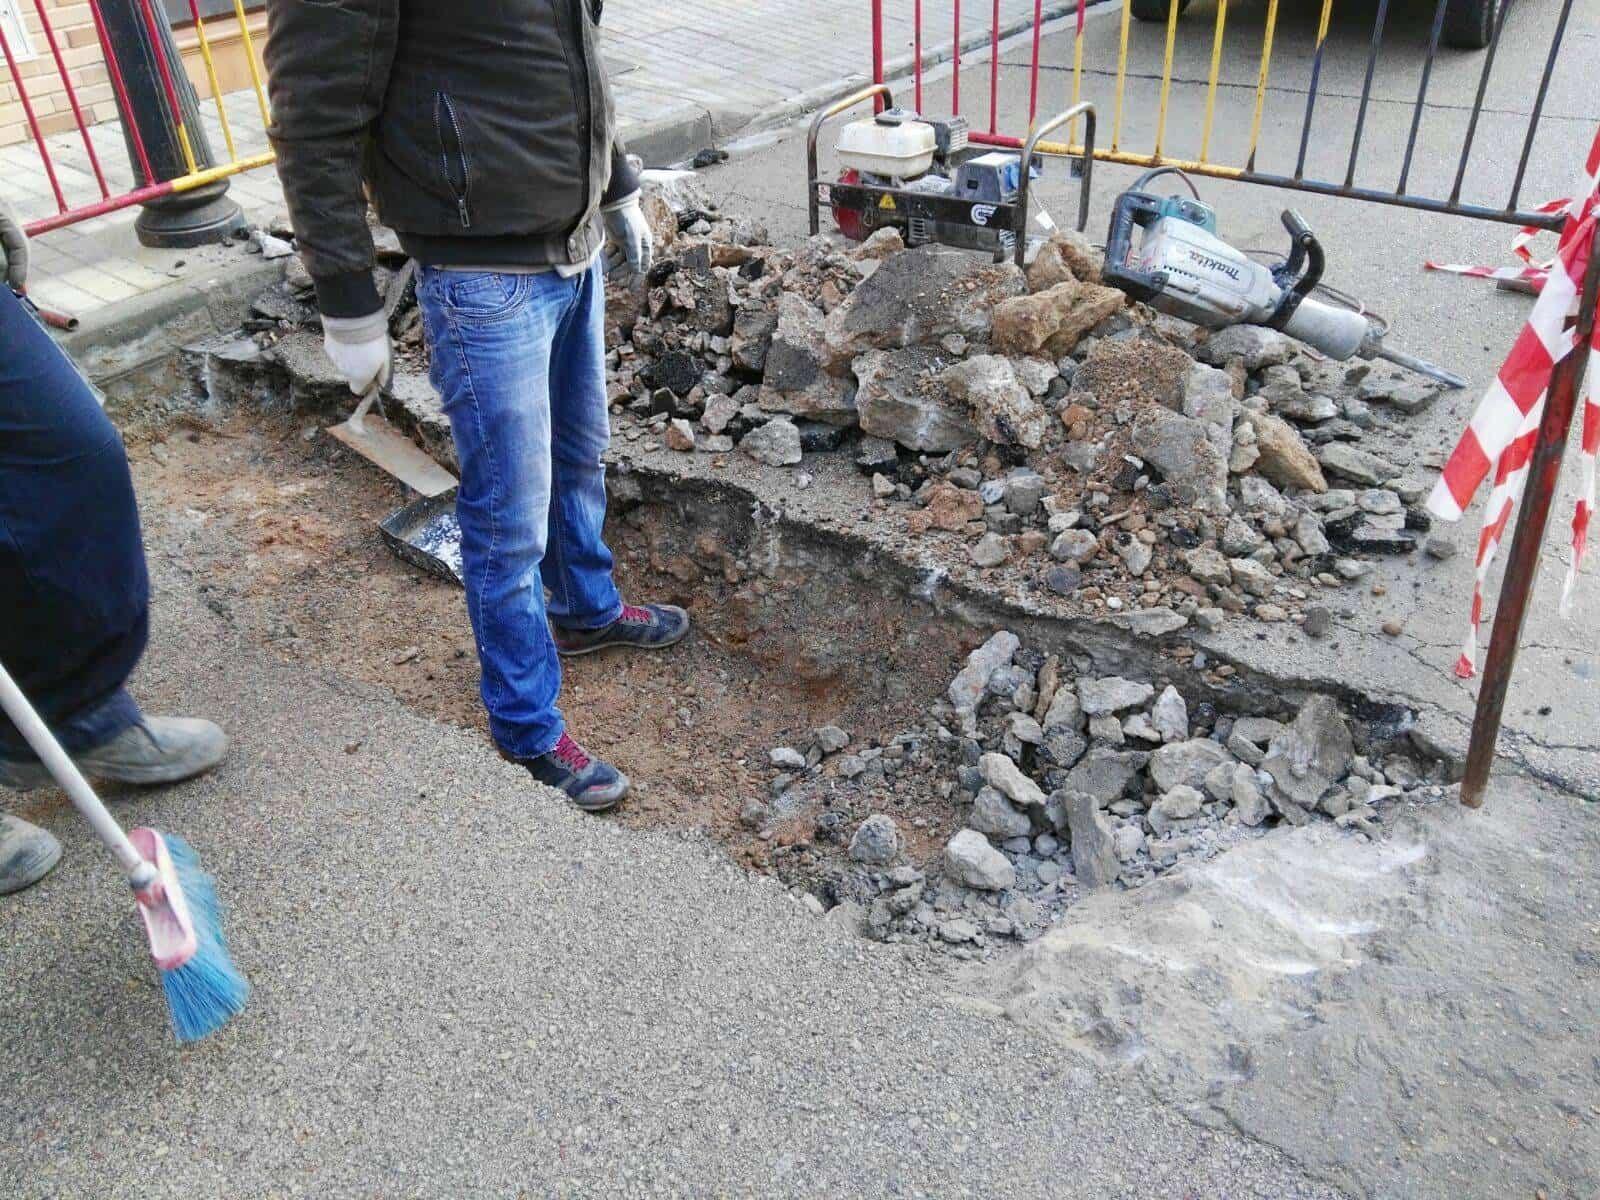 hundimiento calle jose hierro - Hundimiento de calzada en calle José Hierro